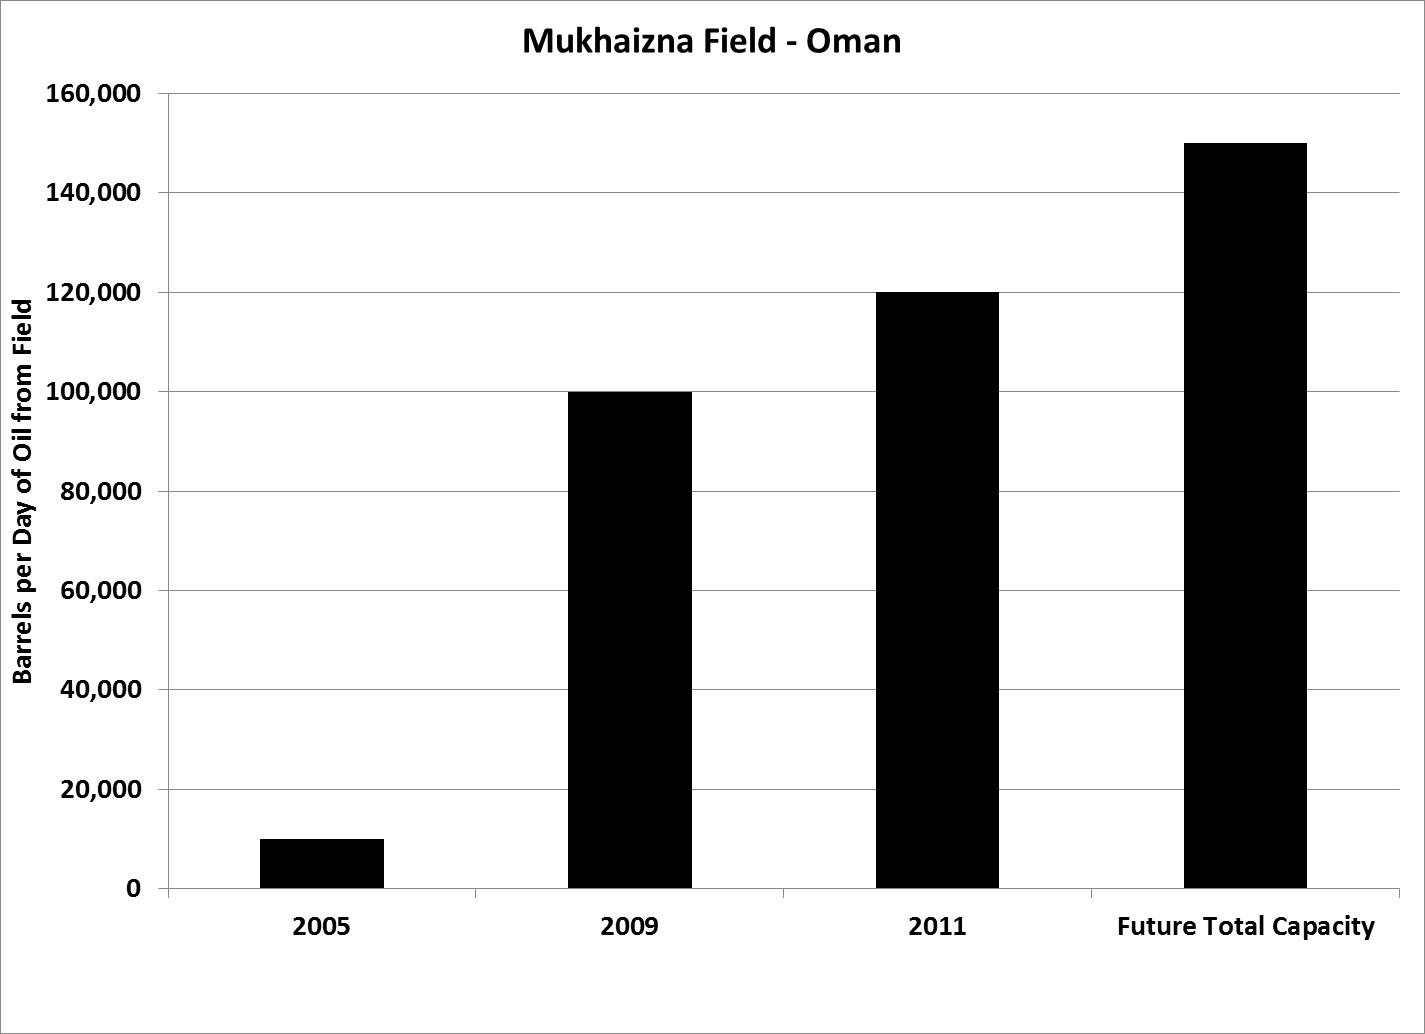 Mukhaizna Field